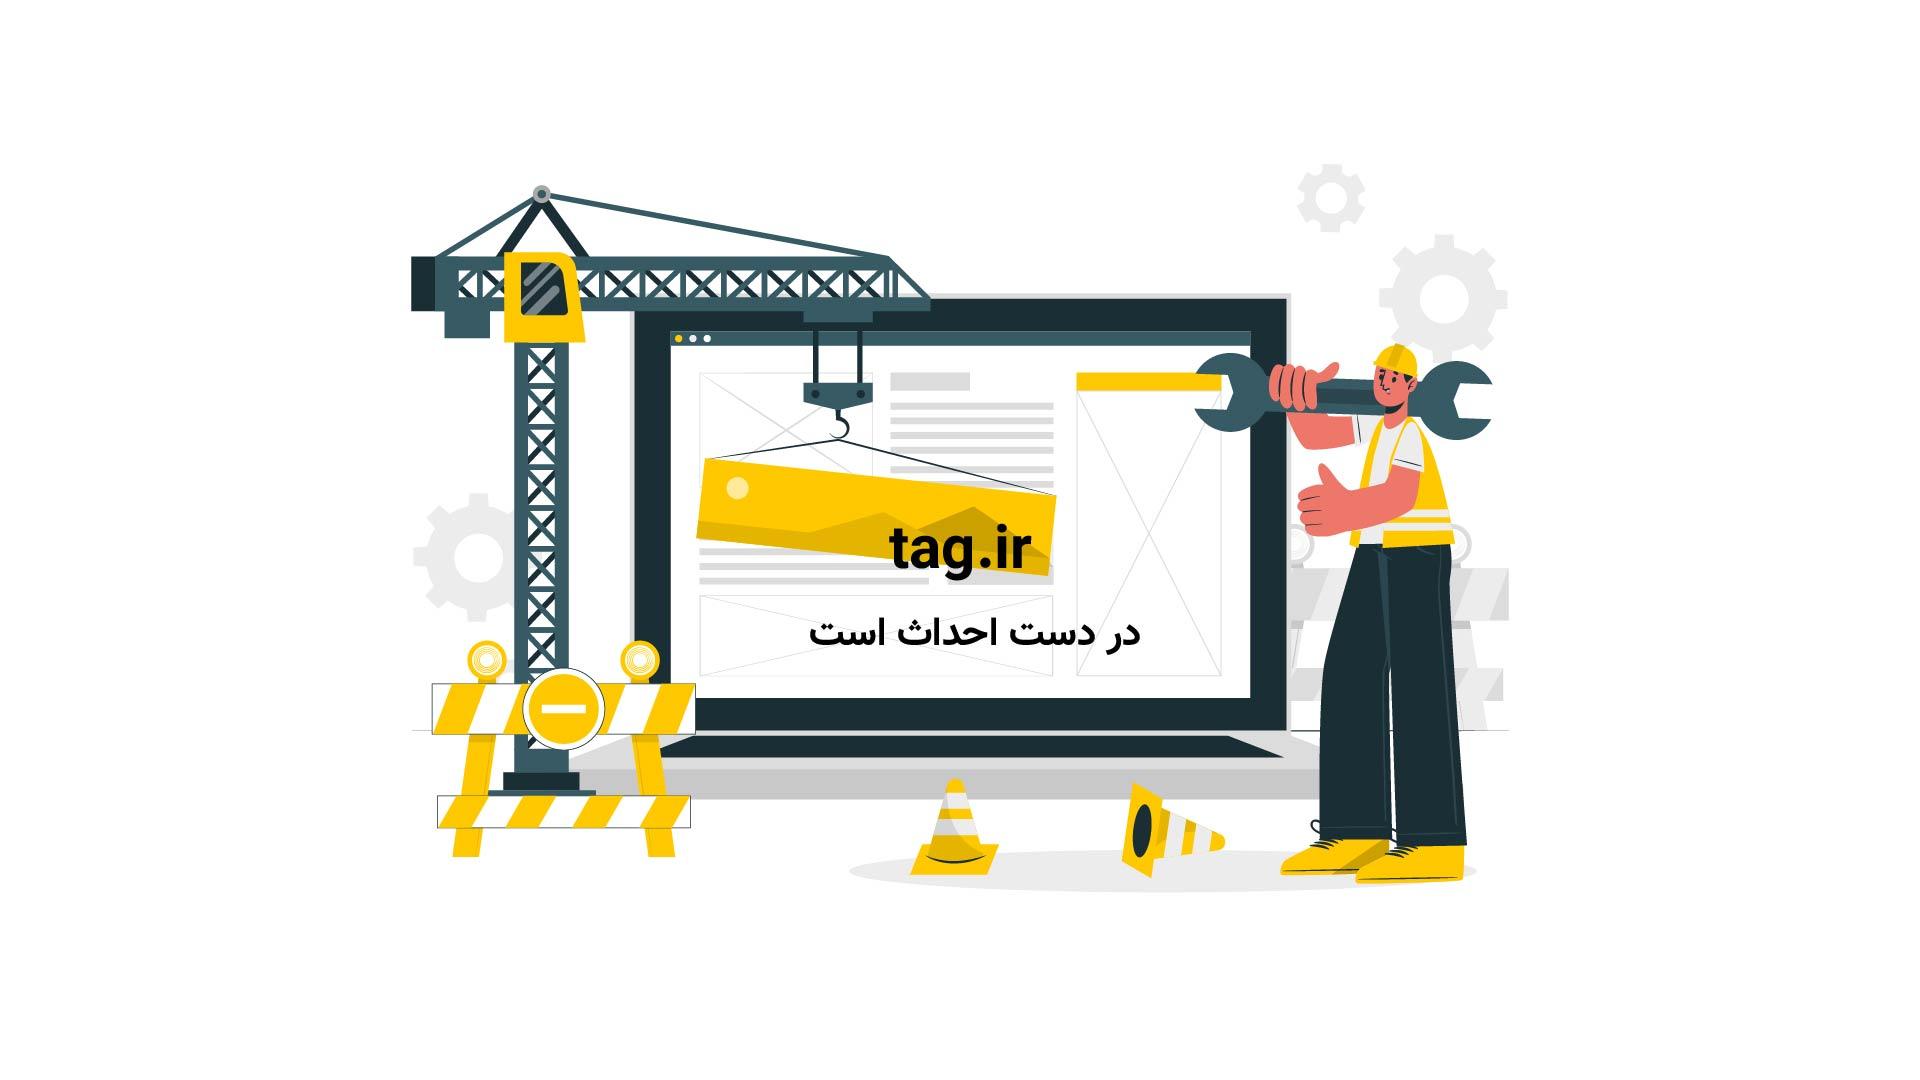 ساخت درخت کریسمس مینیاتوری | تگ